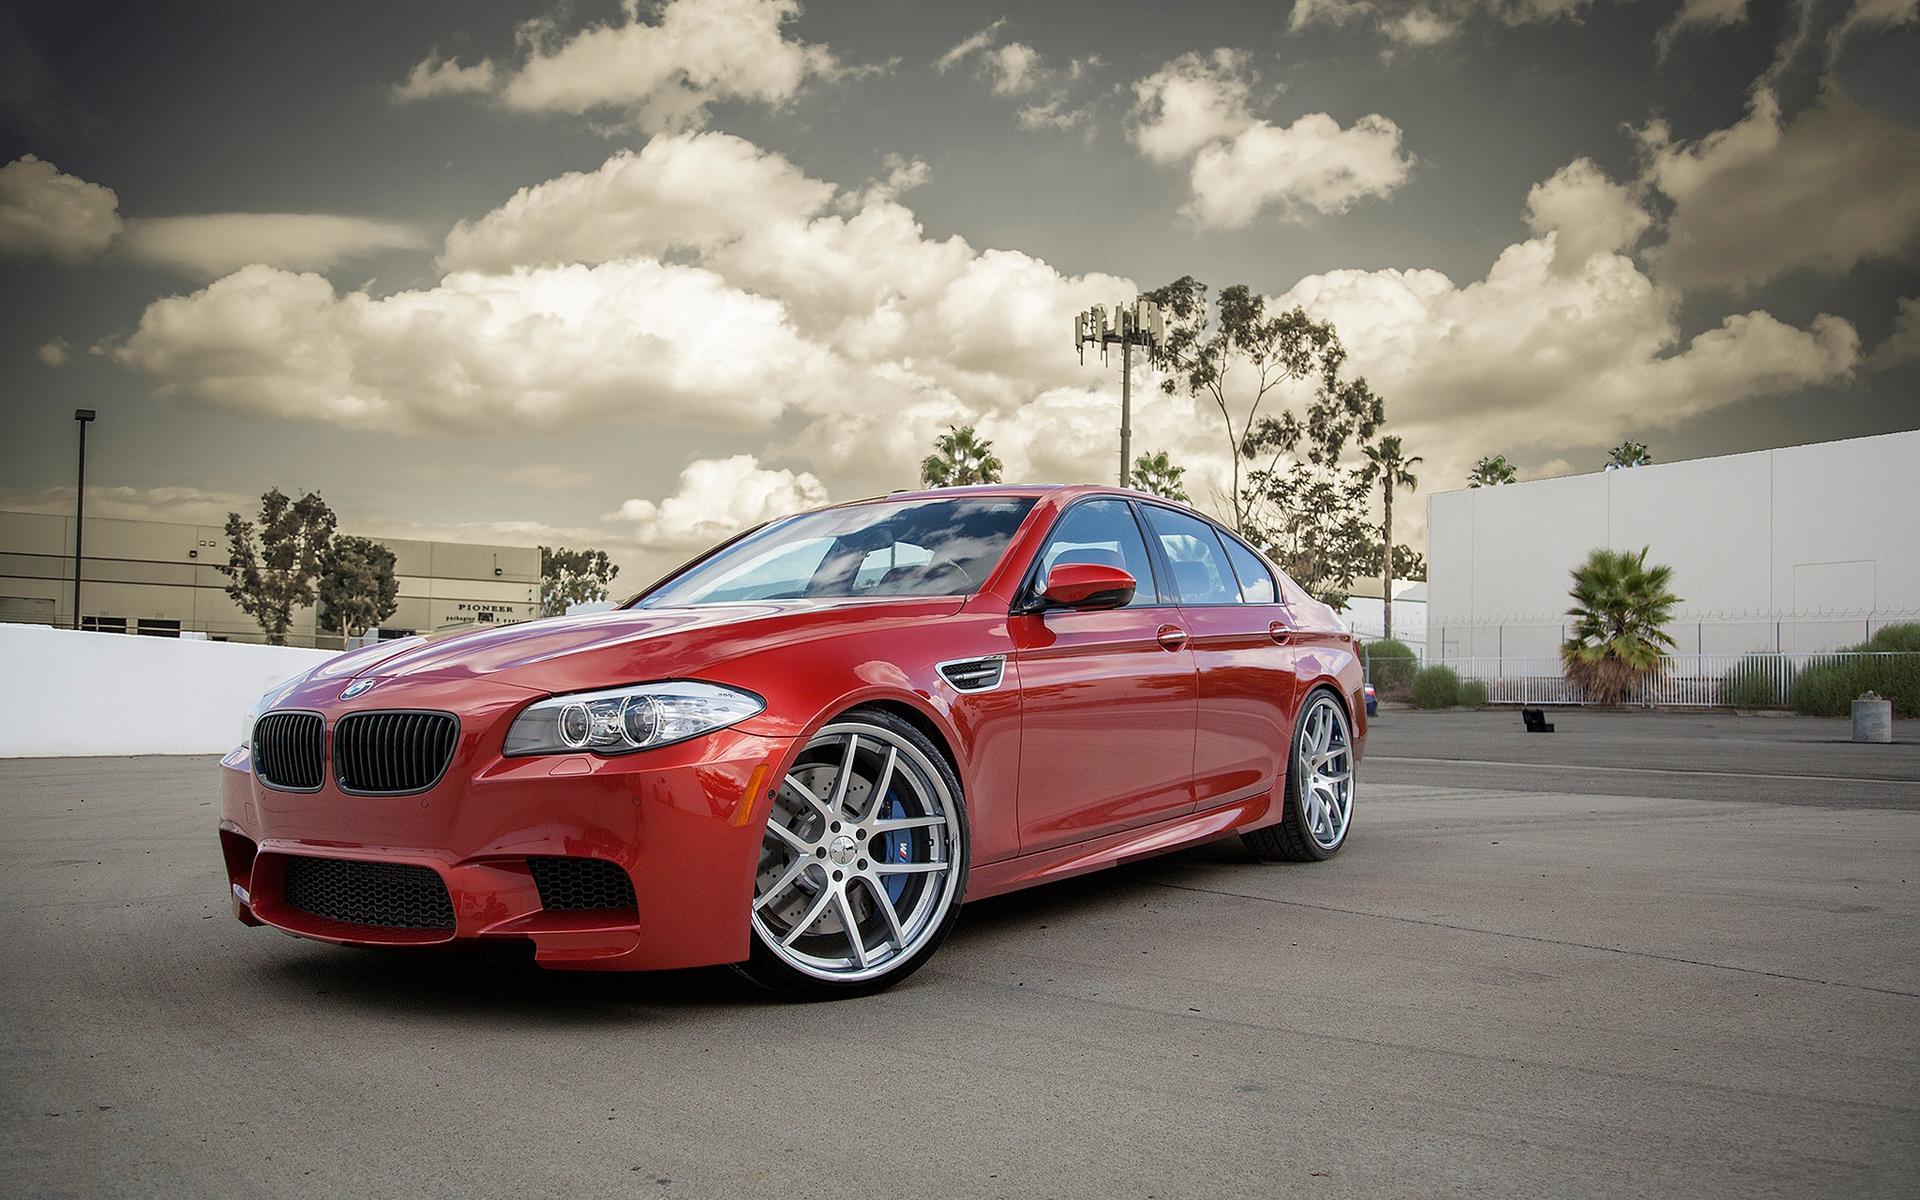 download Red BMW M5 F10 Car HD Wallpaper 4881 HD Wallpaper 3D 1920x1200